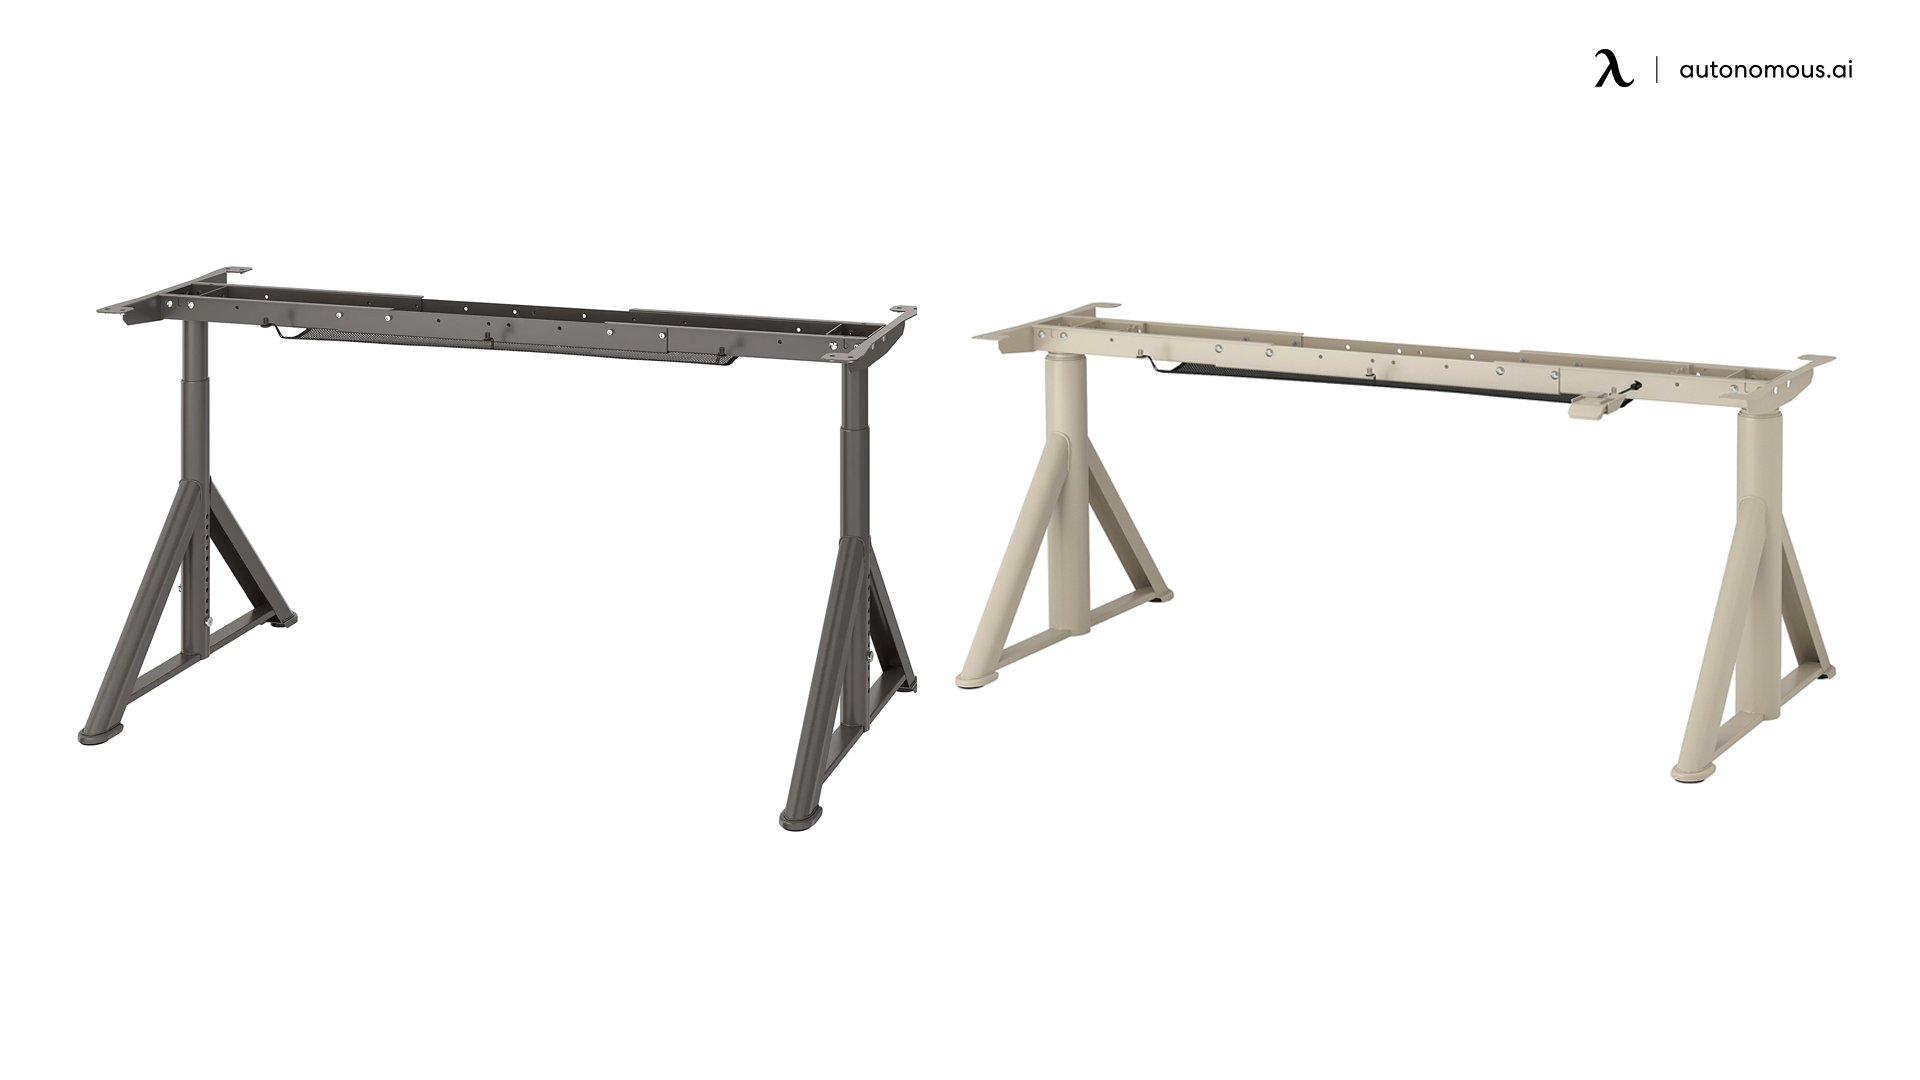 IKEA Idasen DIY Adjustable Standing Desk Legs